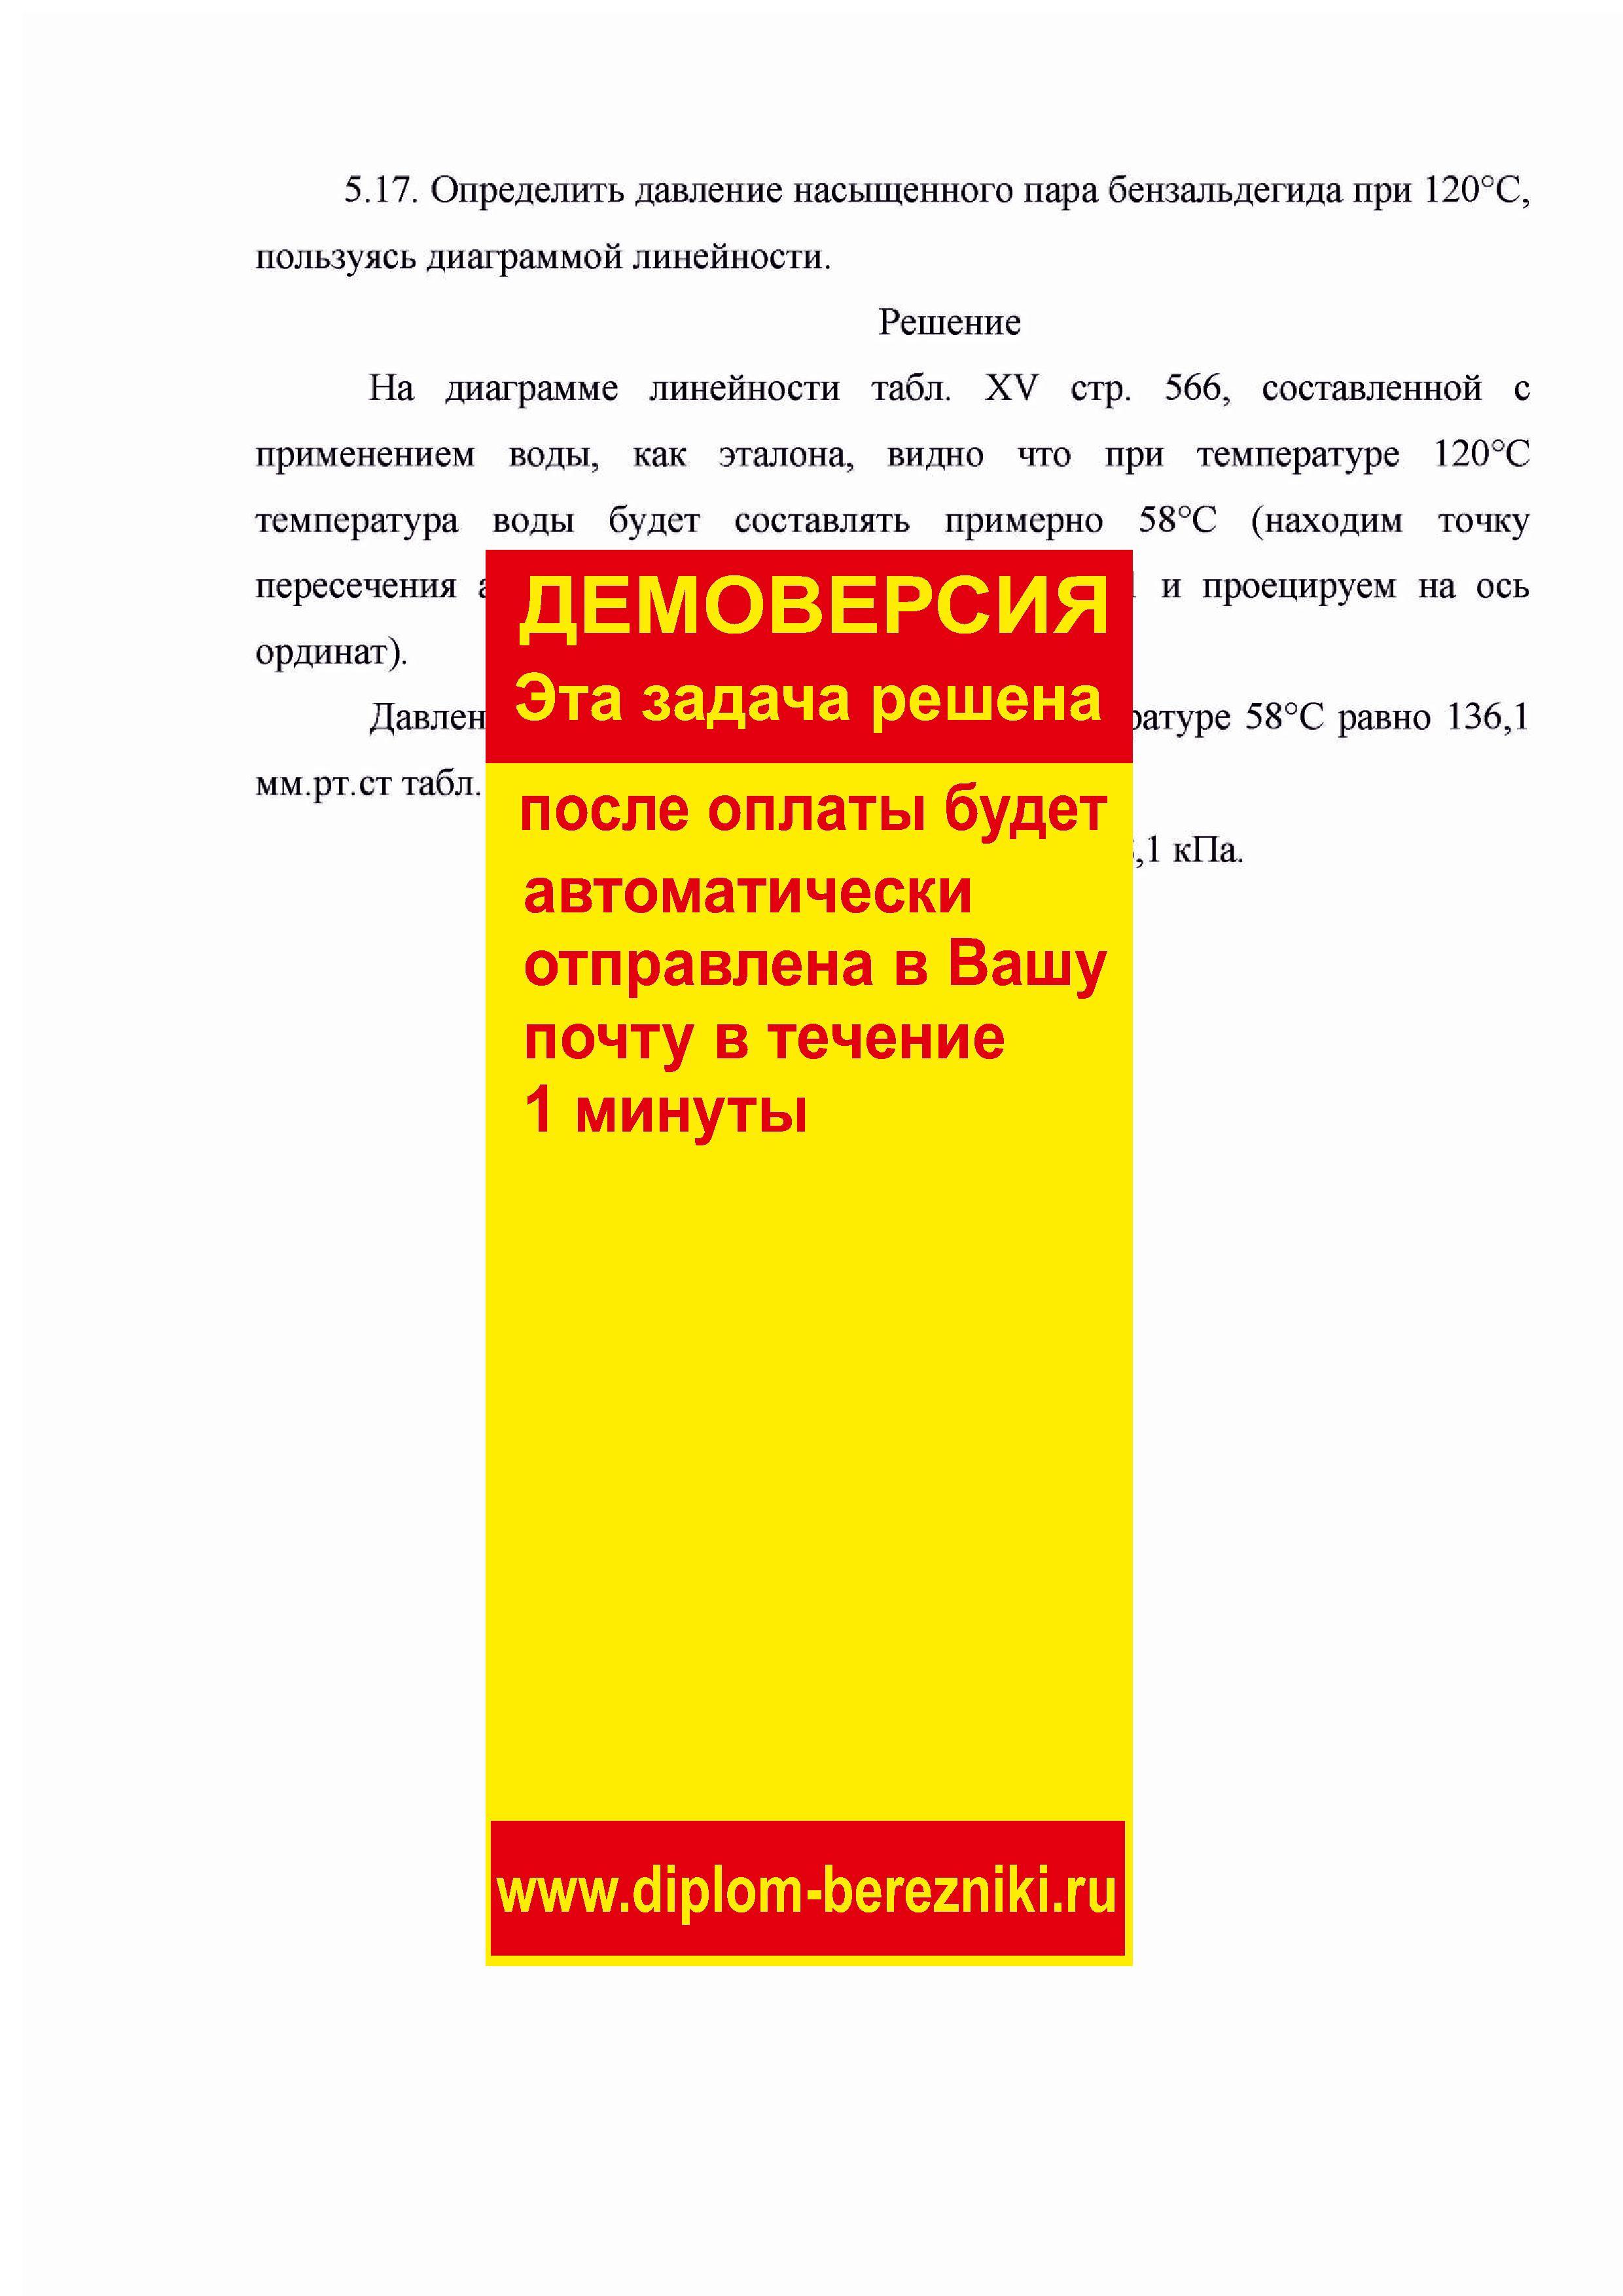 Решение задачи 5.17 по ПАХТ из задачника Павлова Романкова Носкова